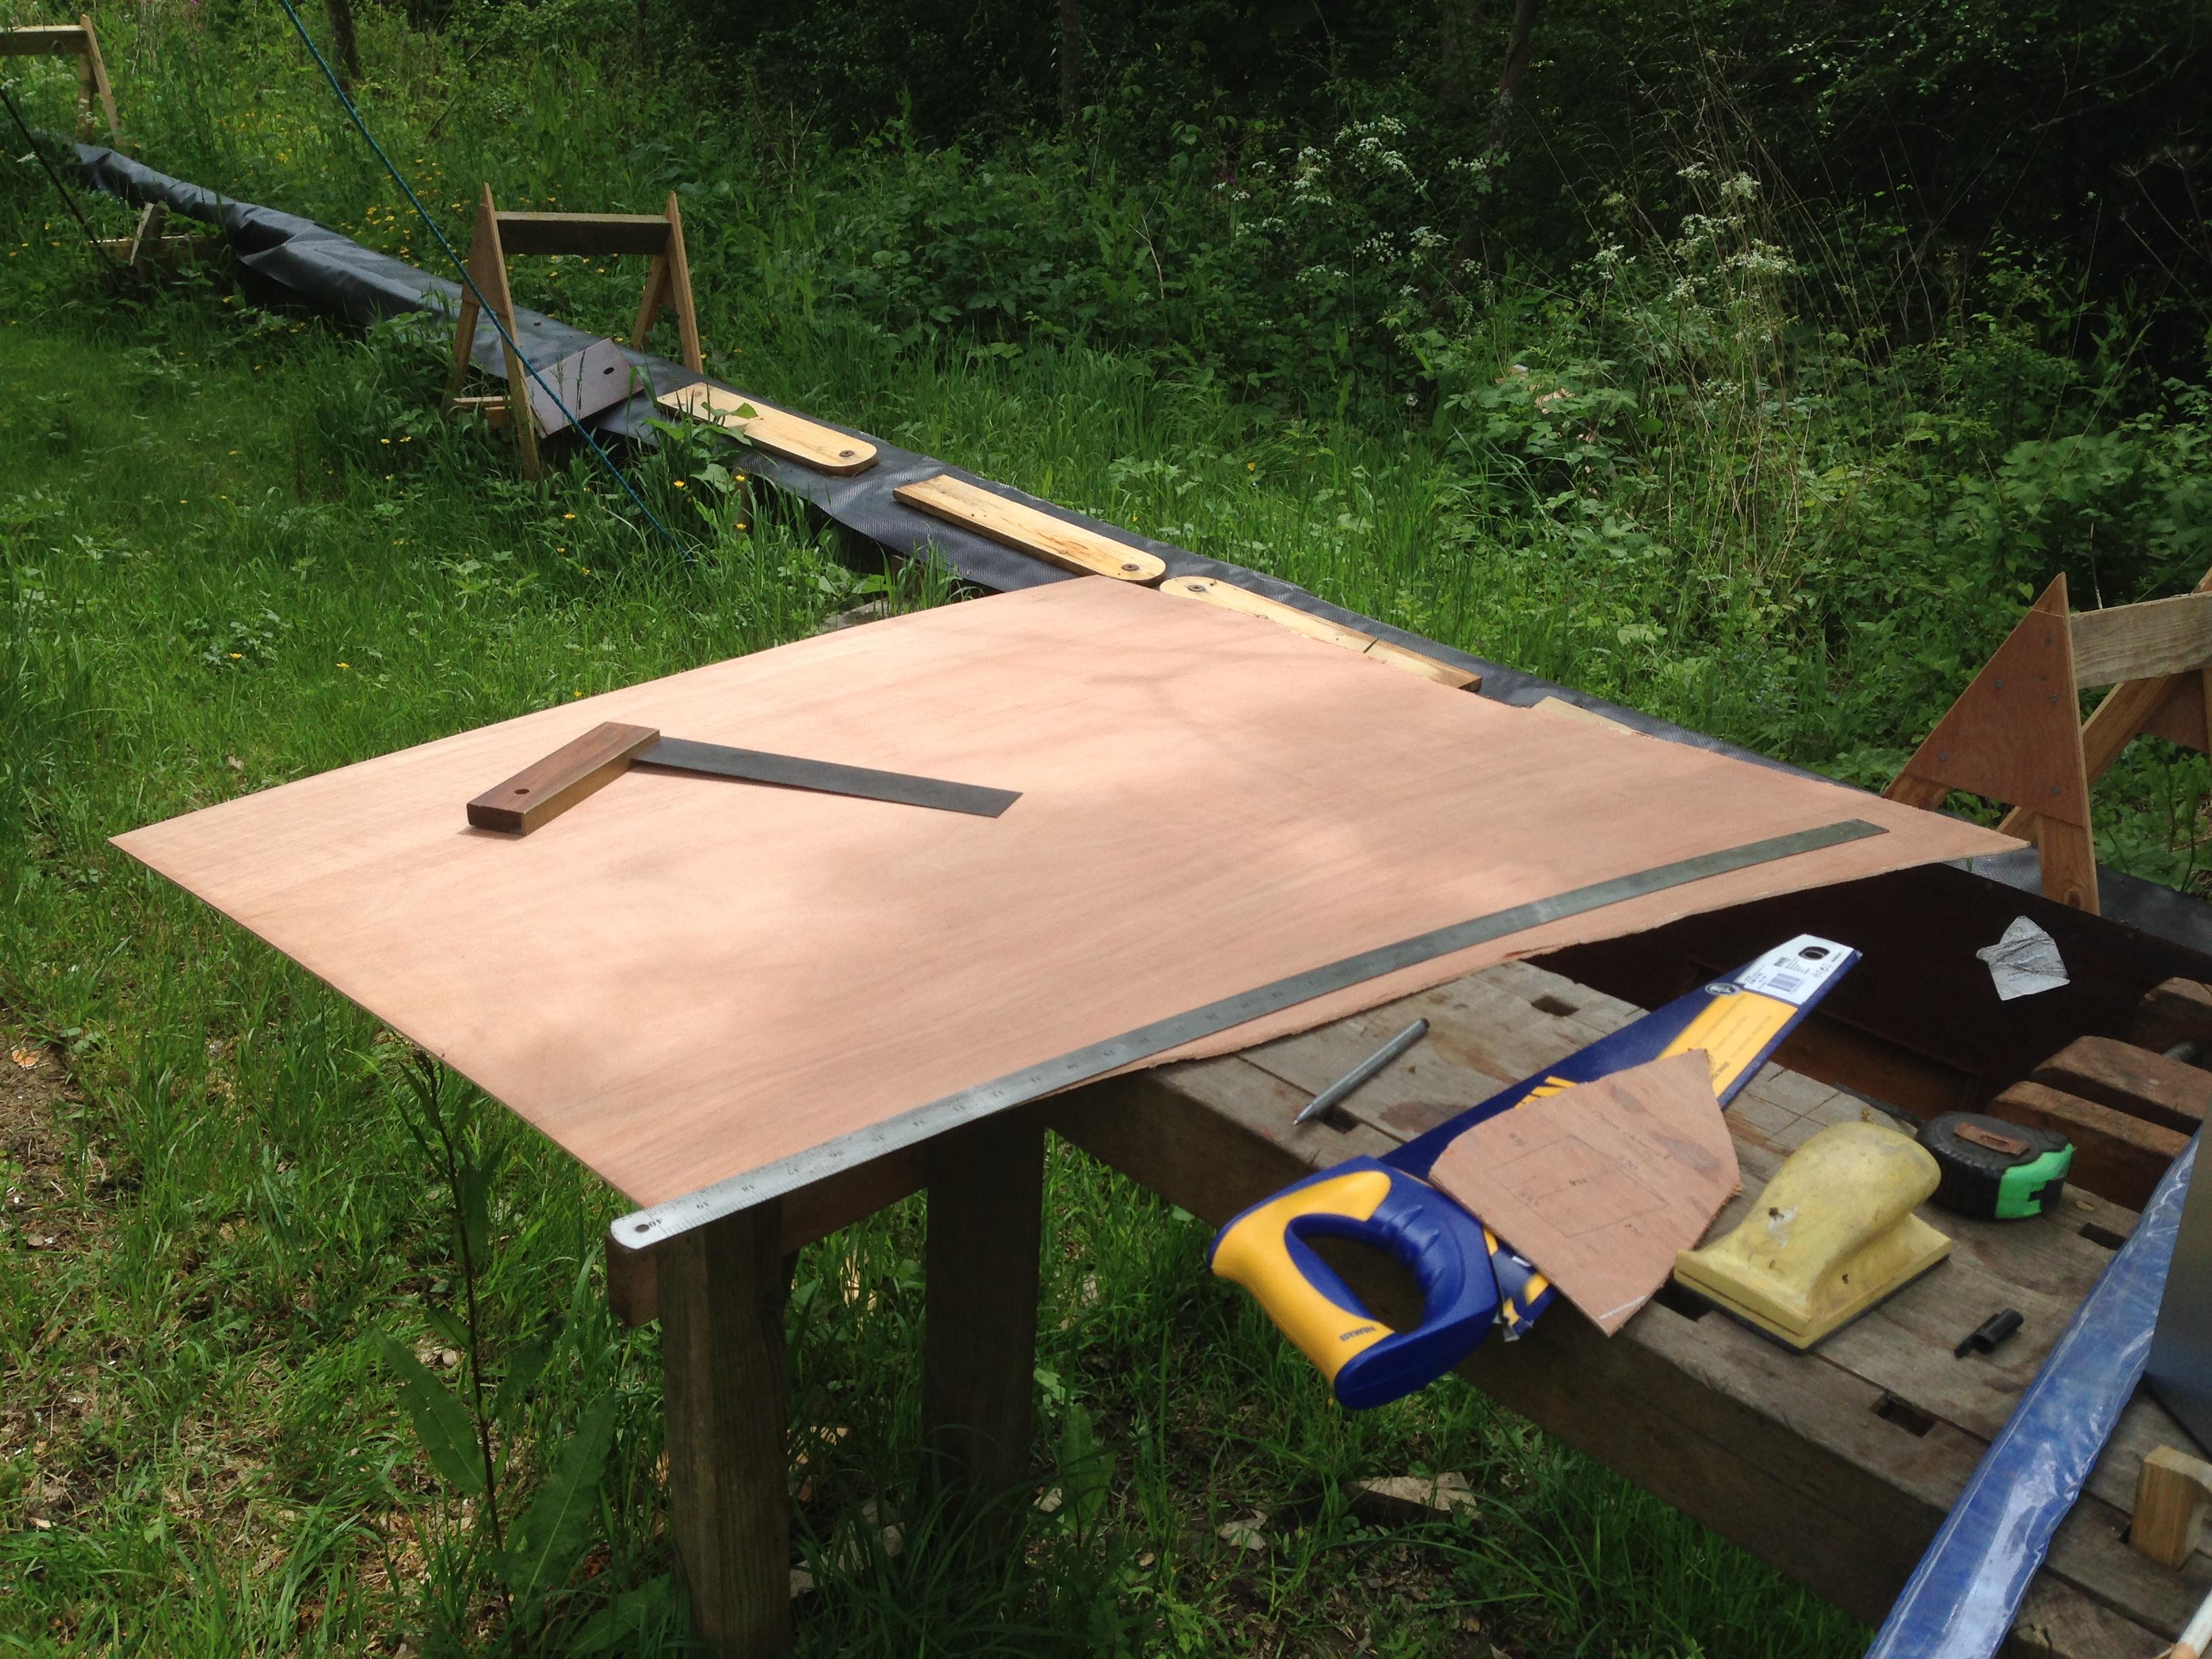 Washboard Template underway